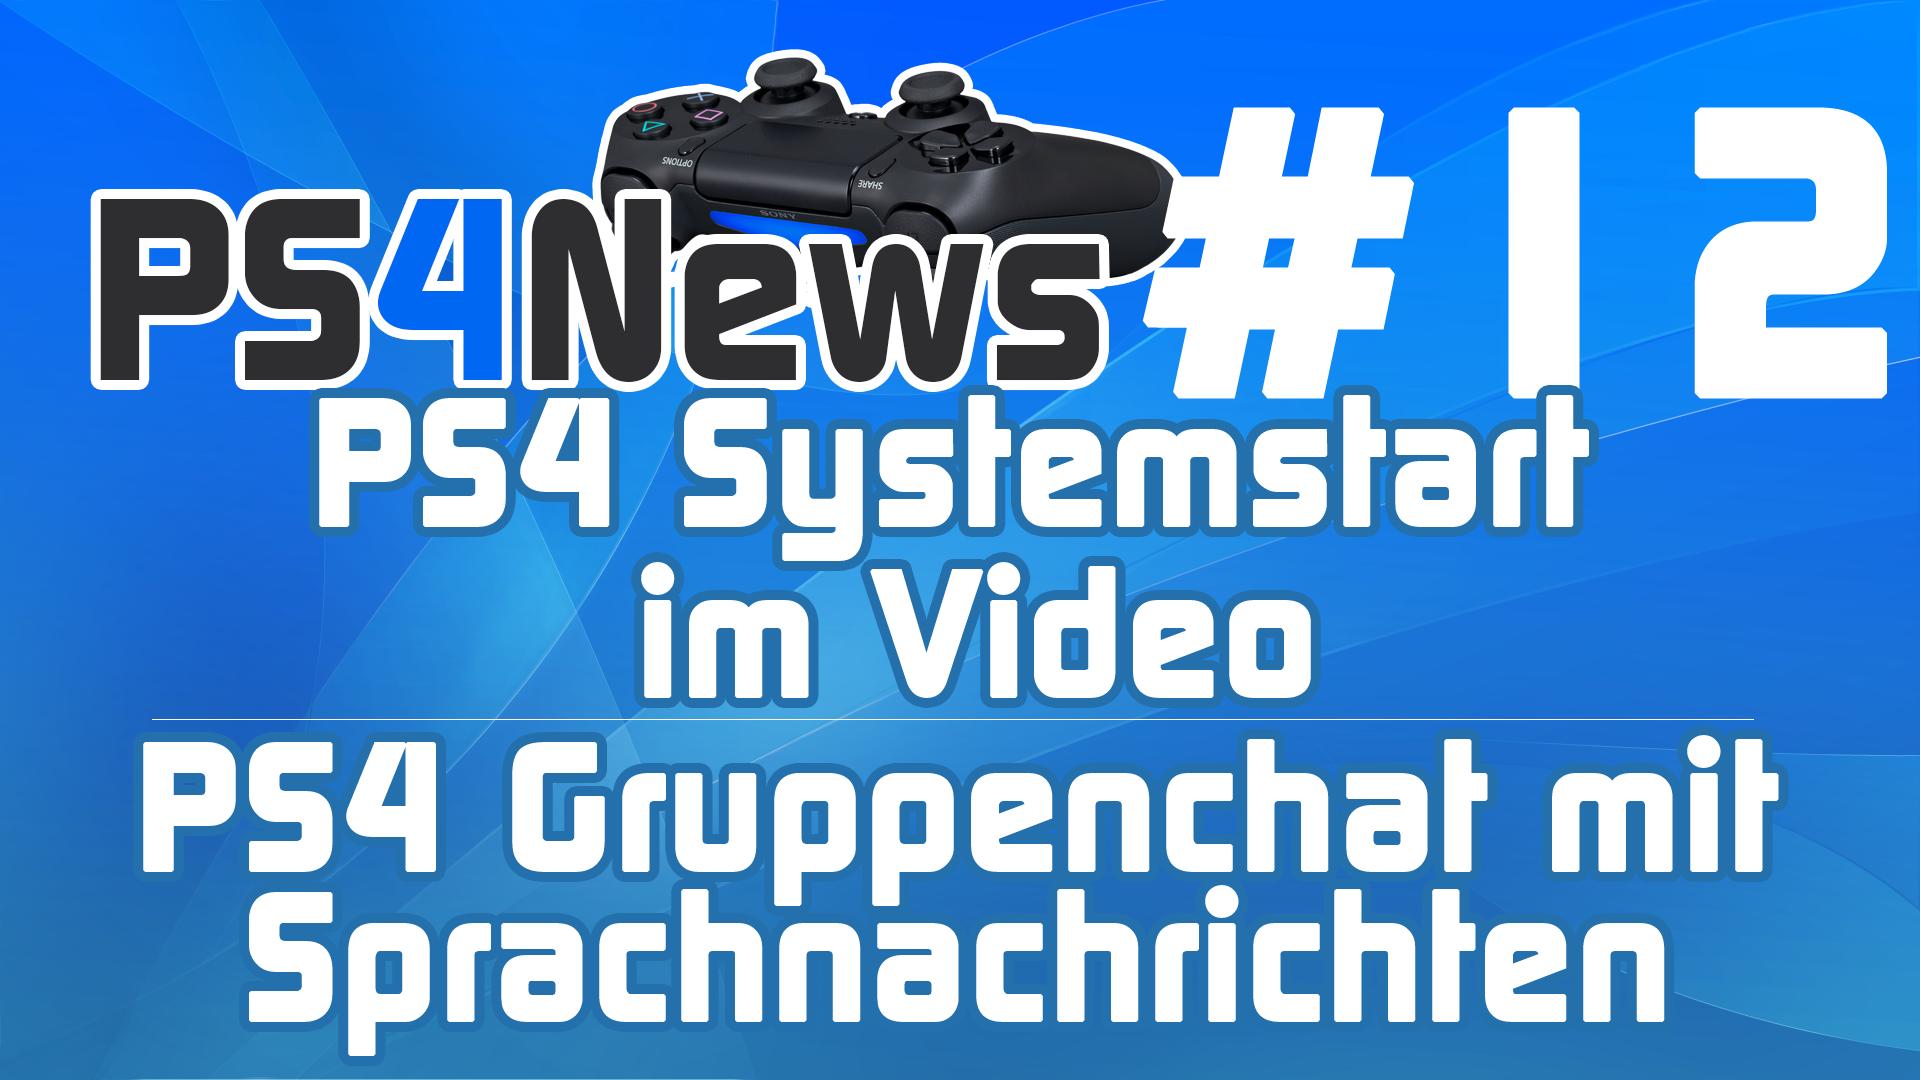 PS4 News #12 PlayStation 4 Systemstart im Video – PS4 Gruppenchat mit Sprachnachrichten uvm.